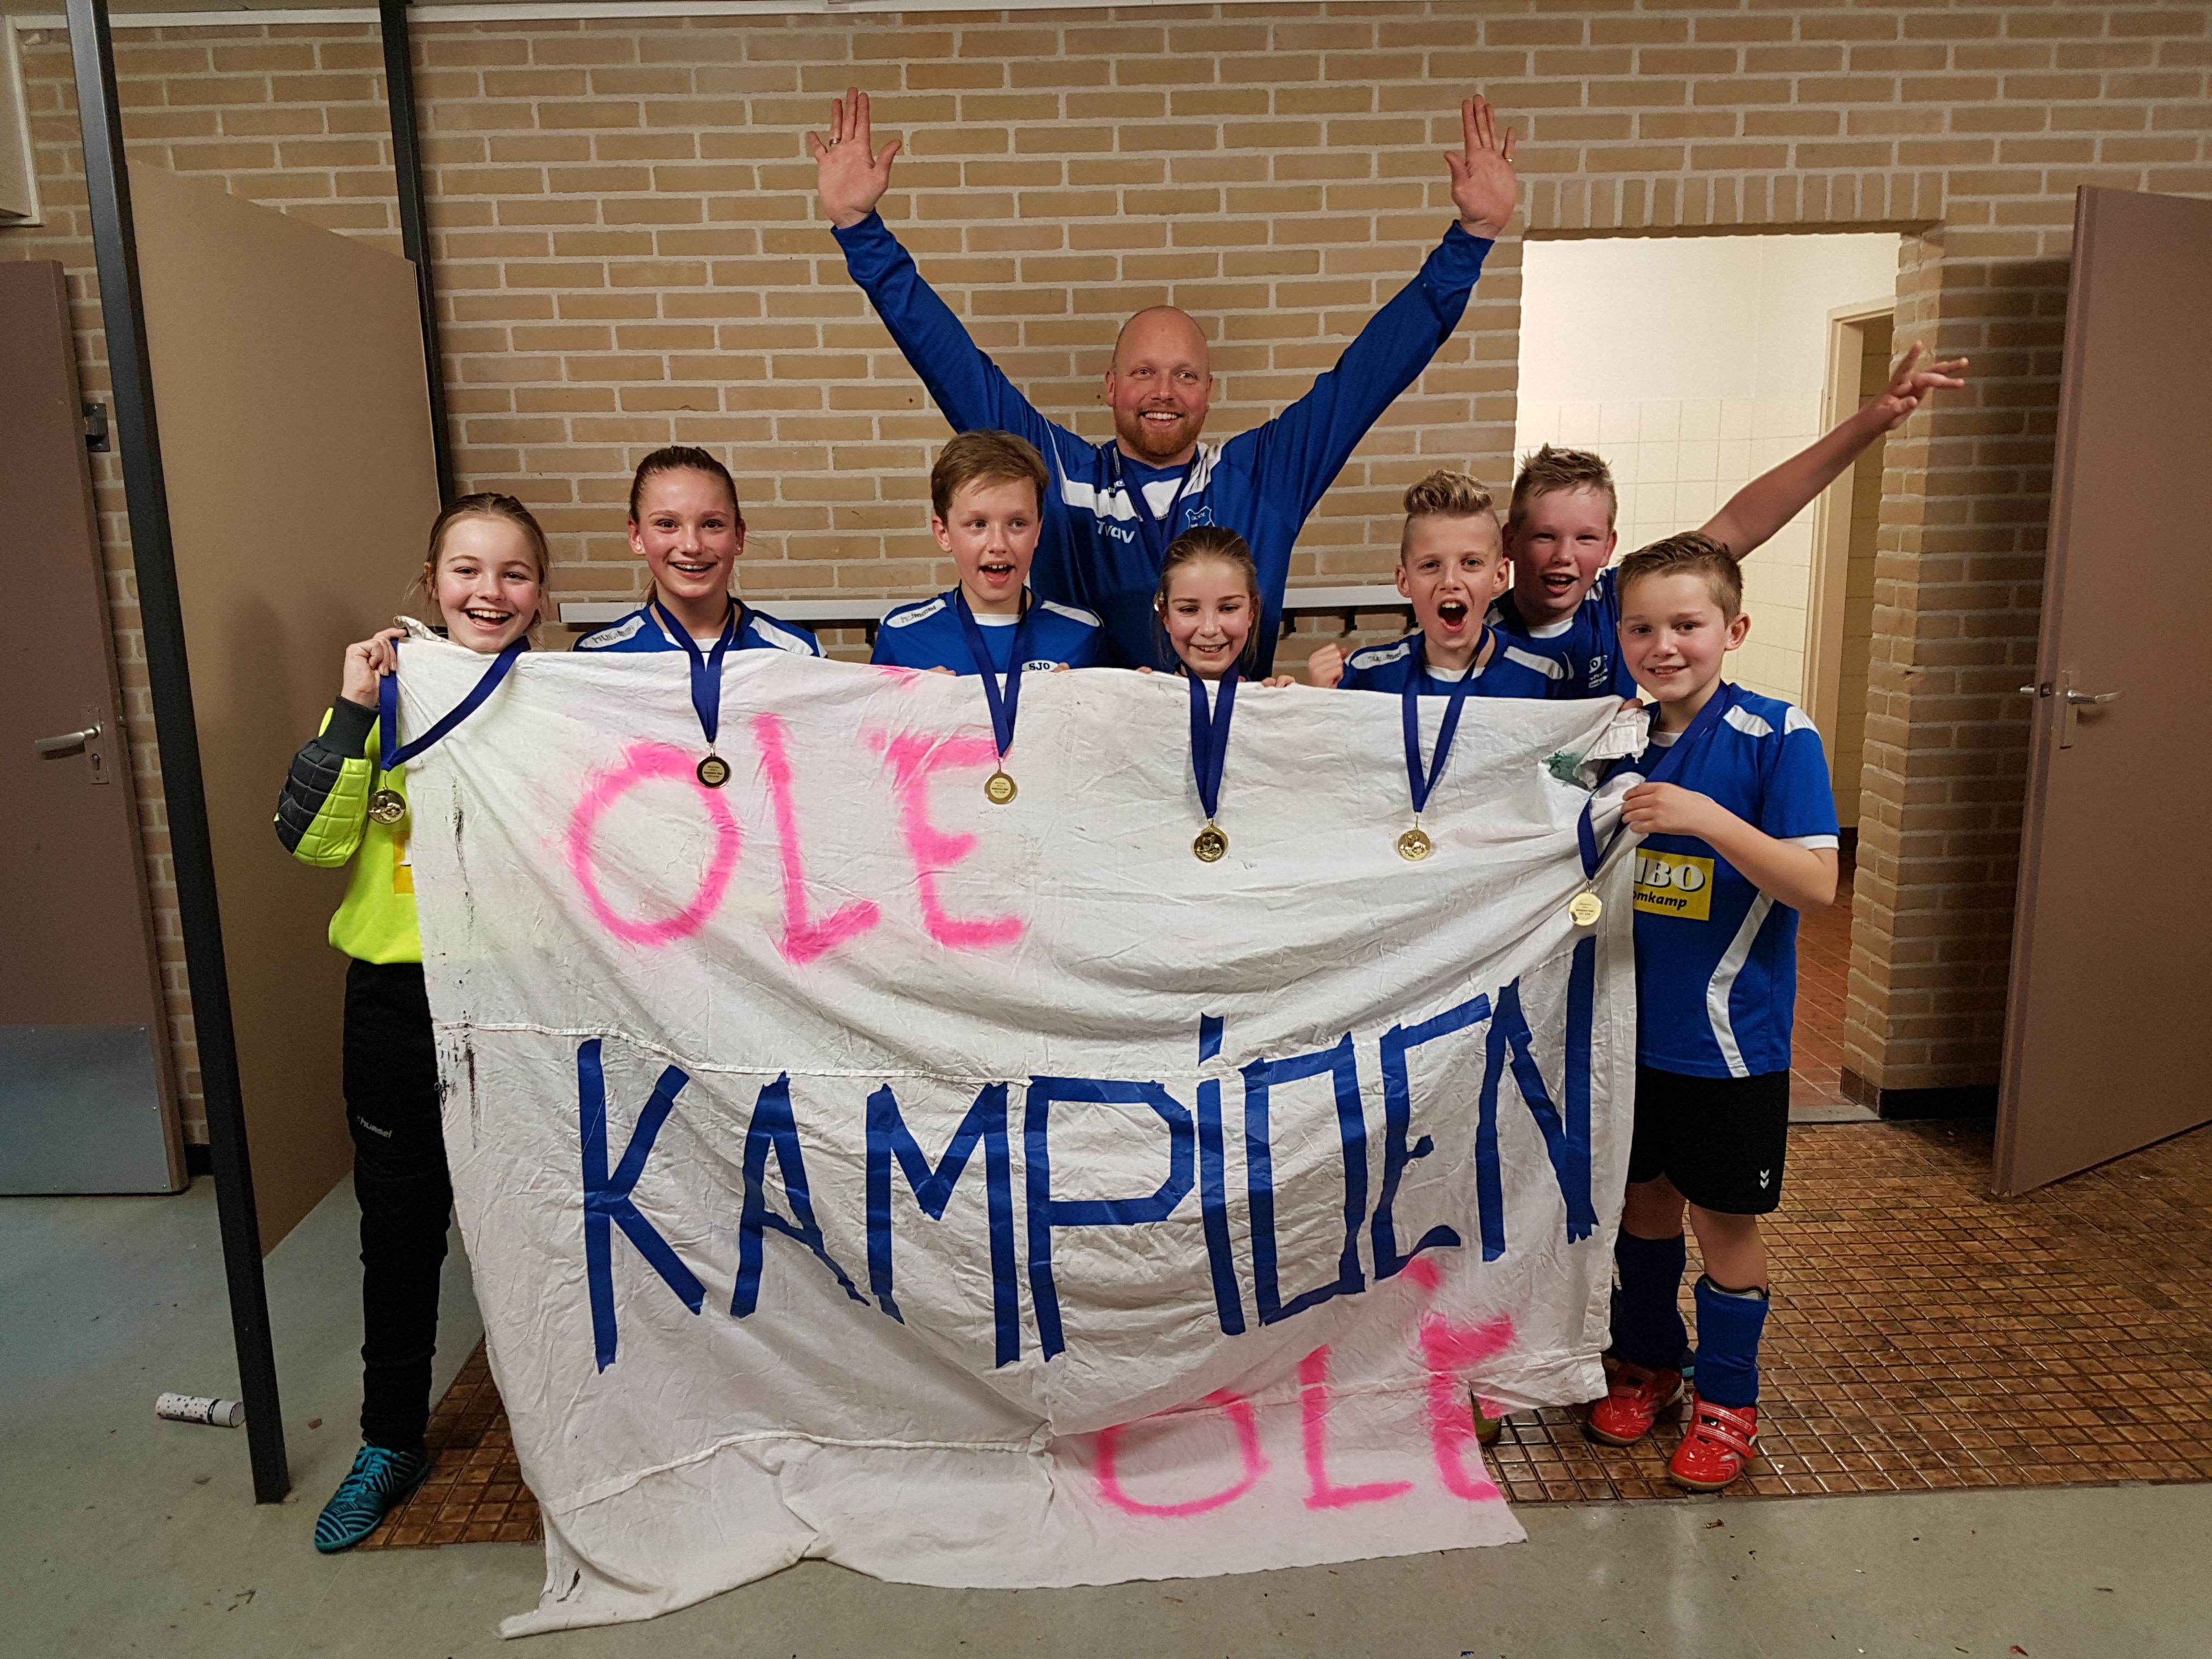 JO13-1 Kampioen zaal (7)